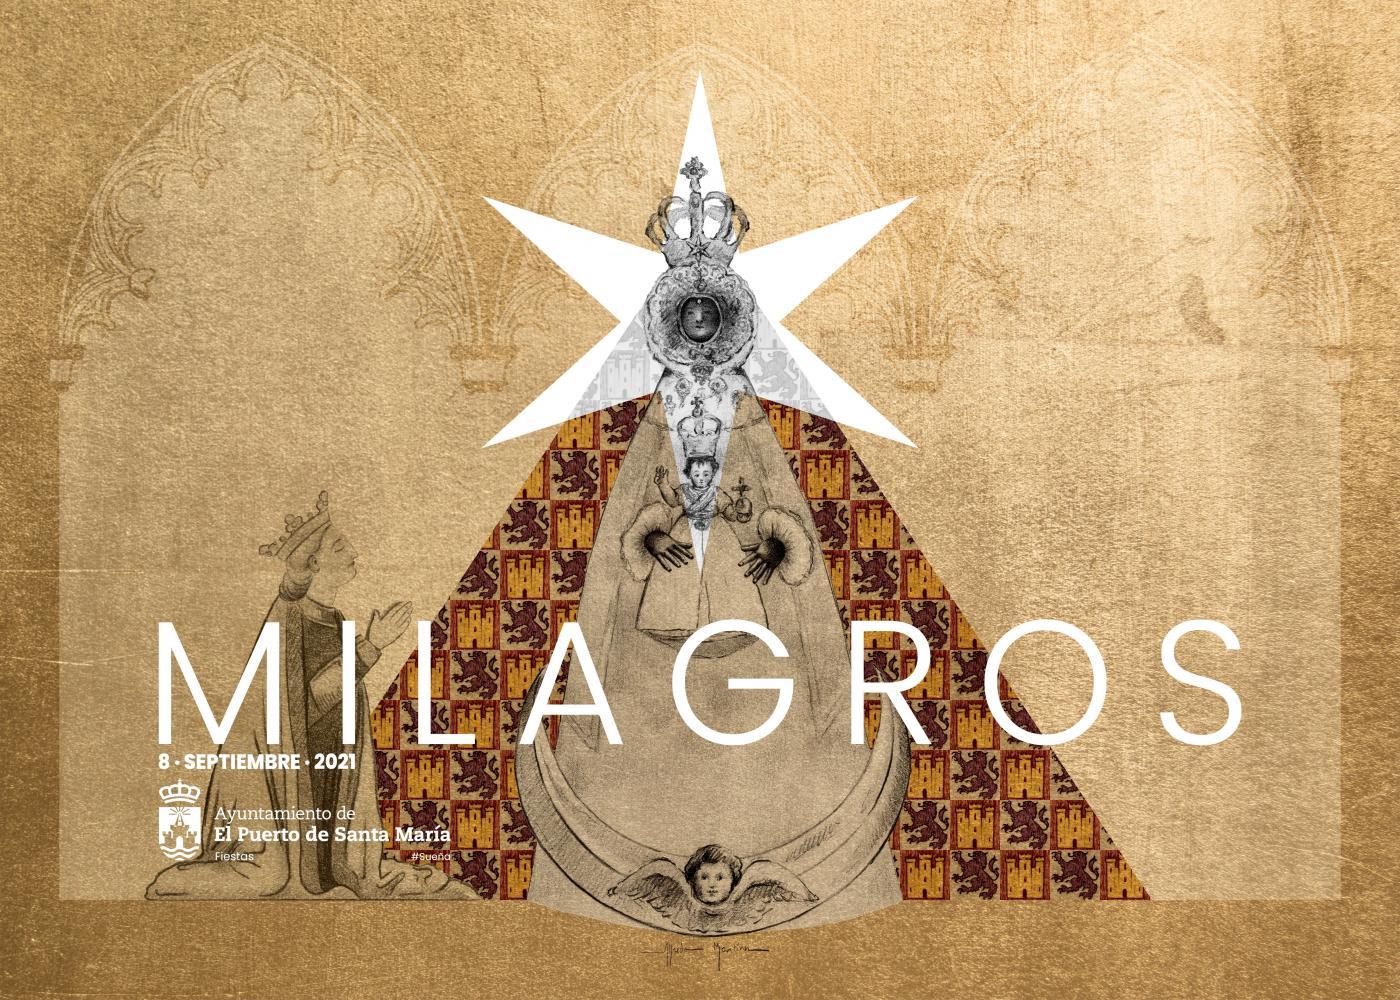 Presentación del cartel de la virgen de los milagros.